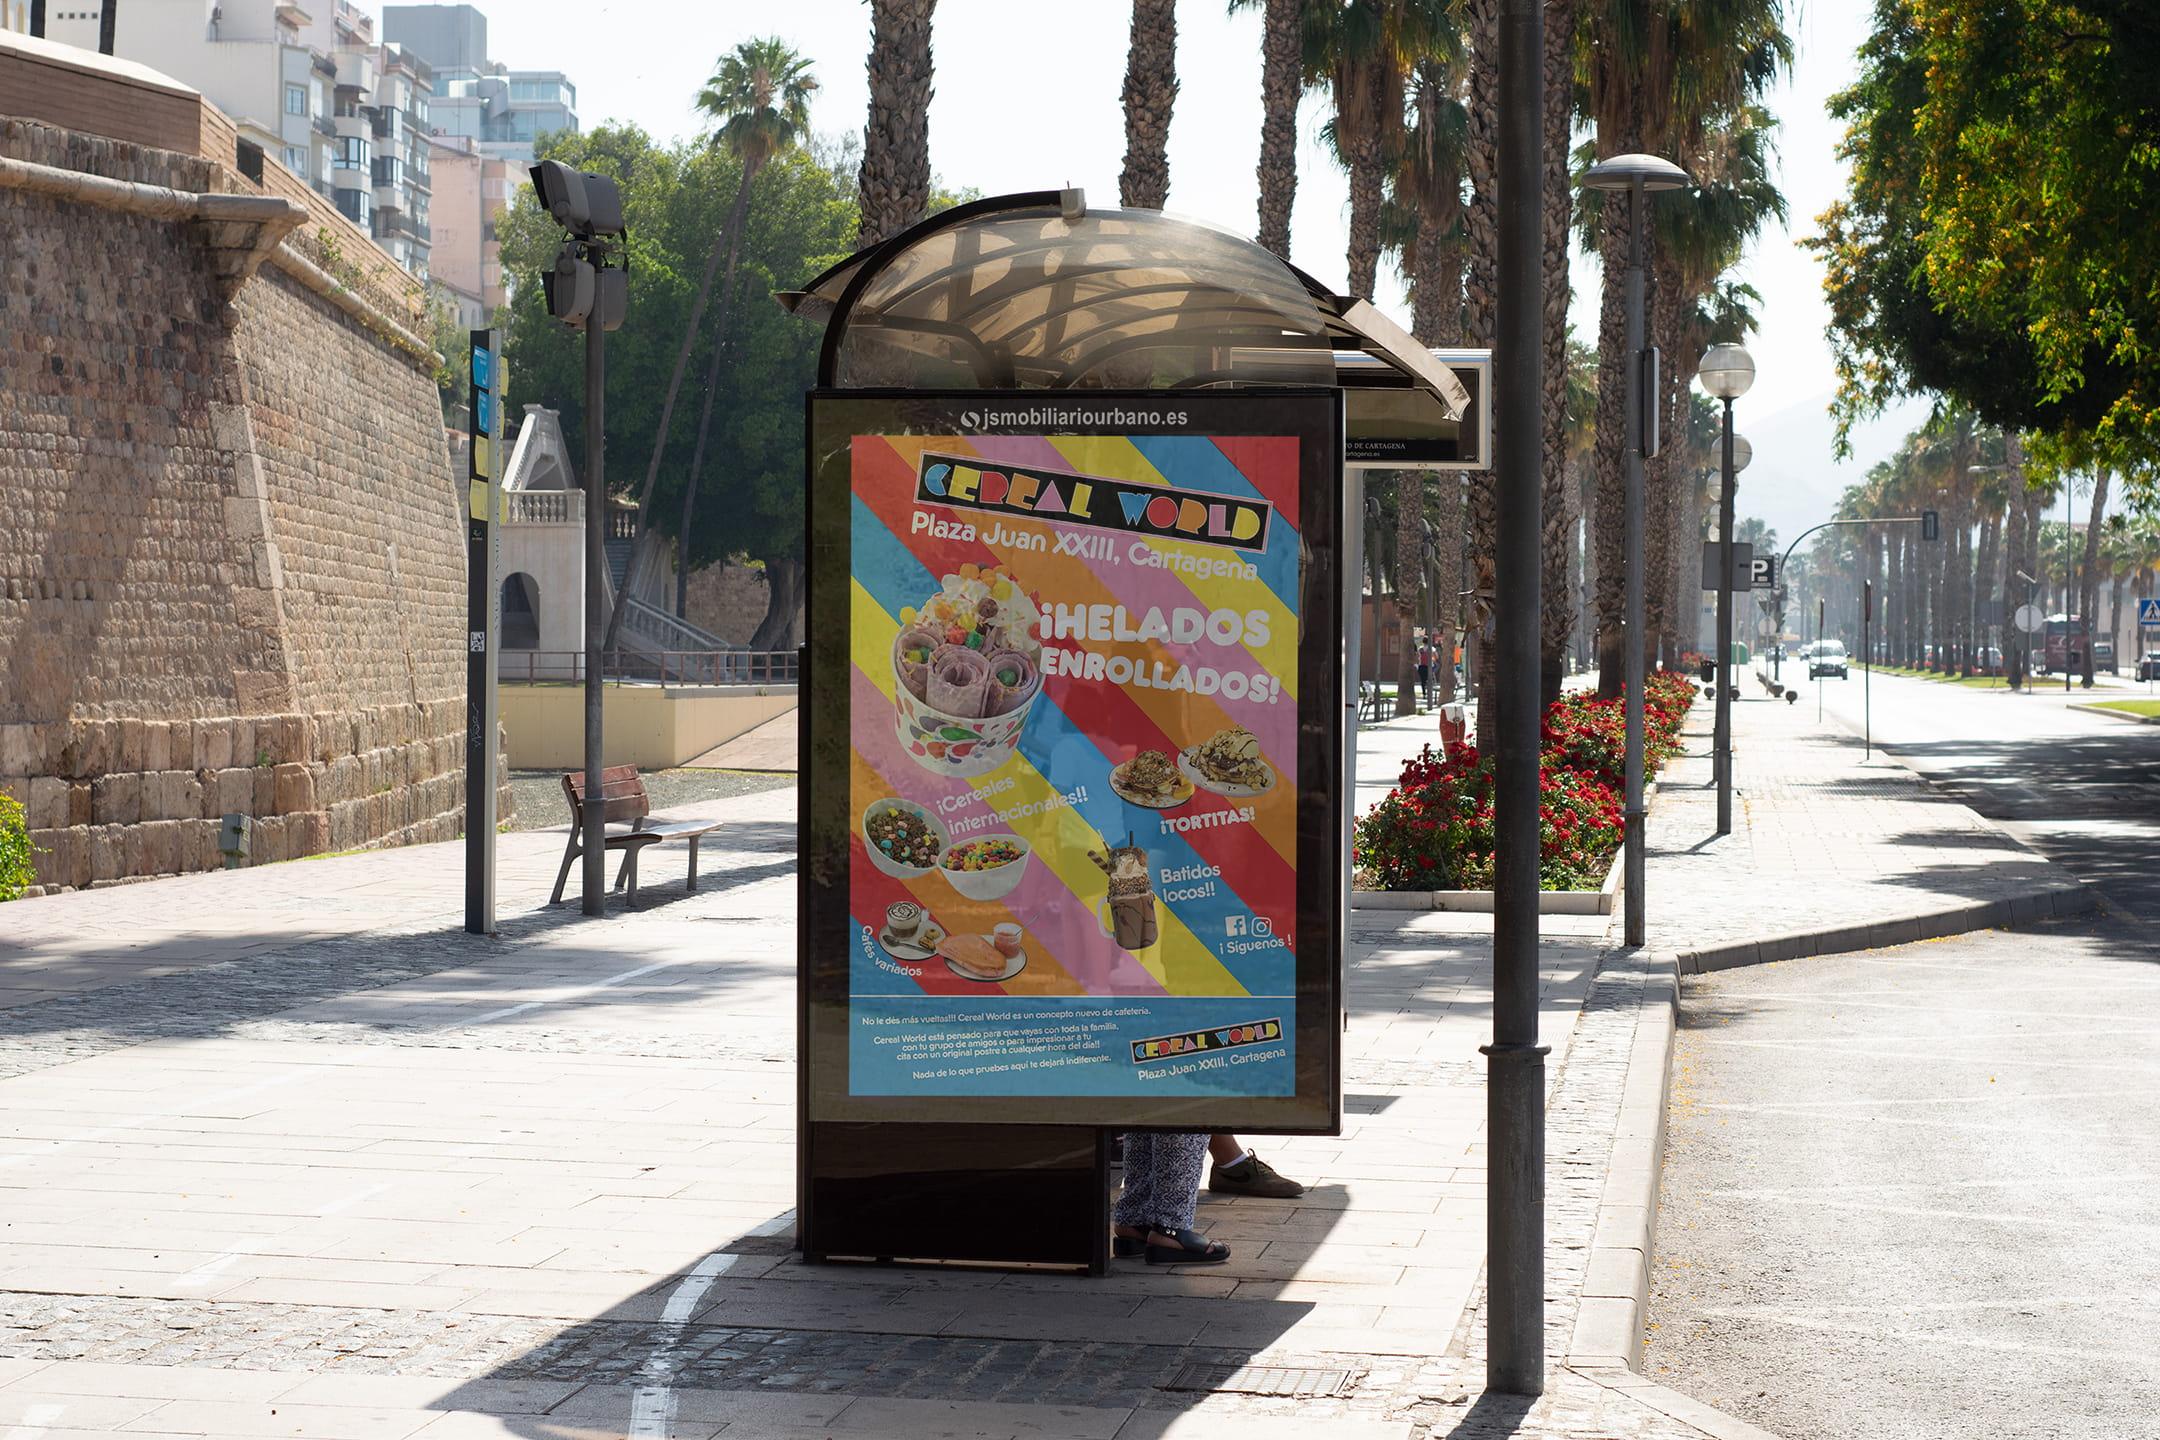 Colorido, gran cartel de anuncio de parada de autobús en la calle en cartagena